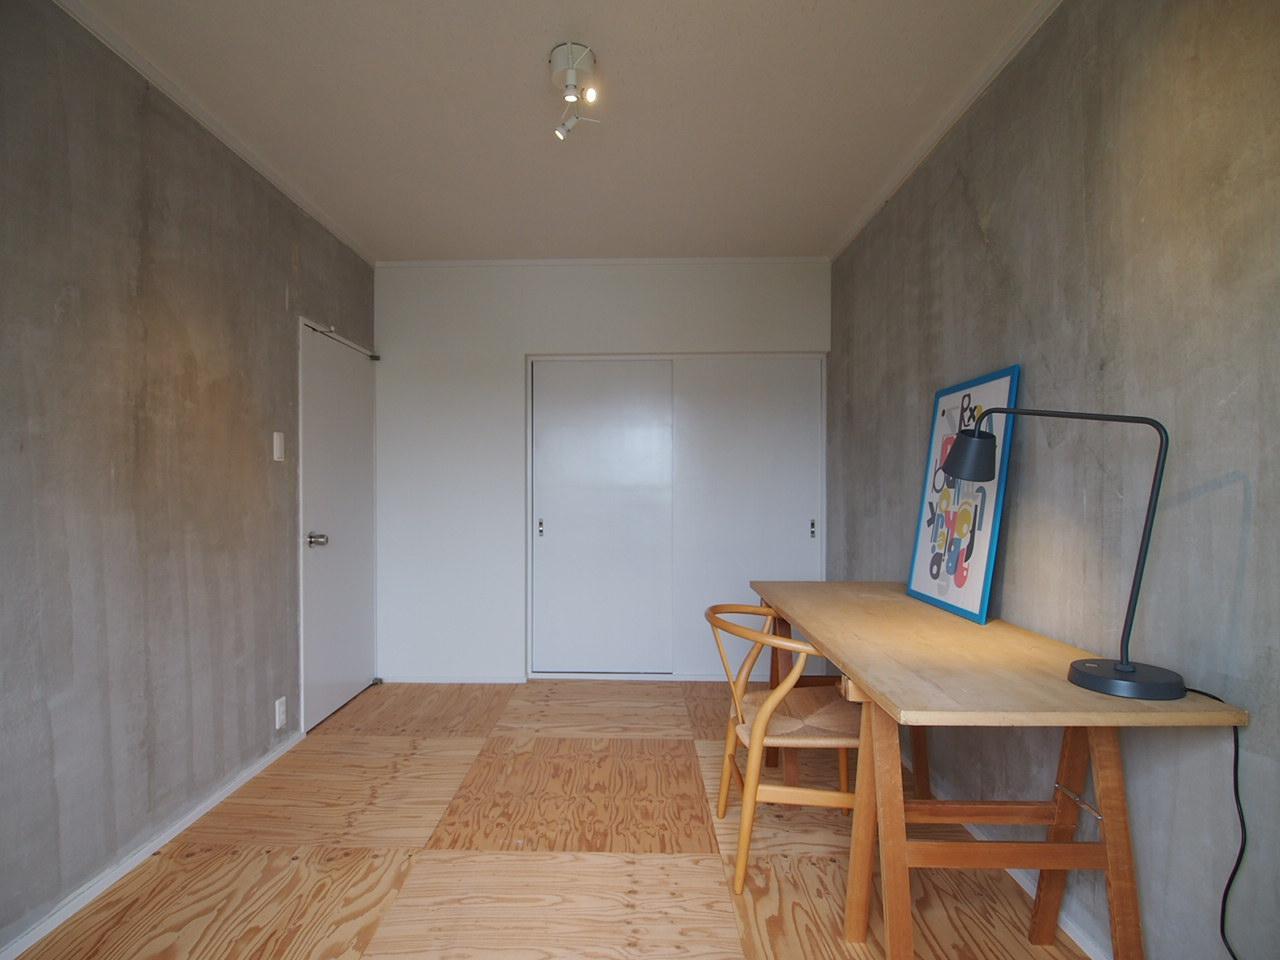 ラワンの床×コンクリート壁の落ち着いた空間